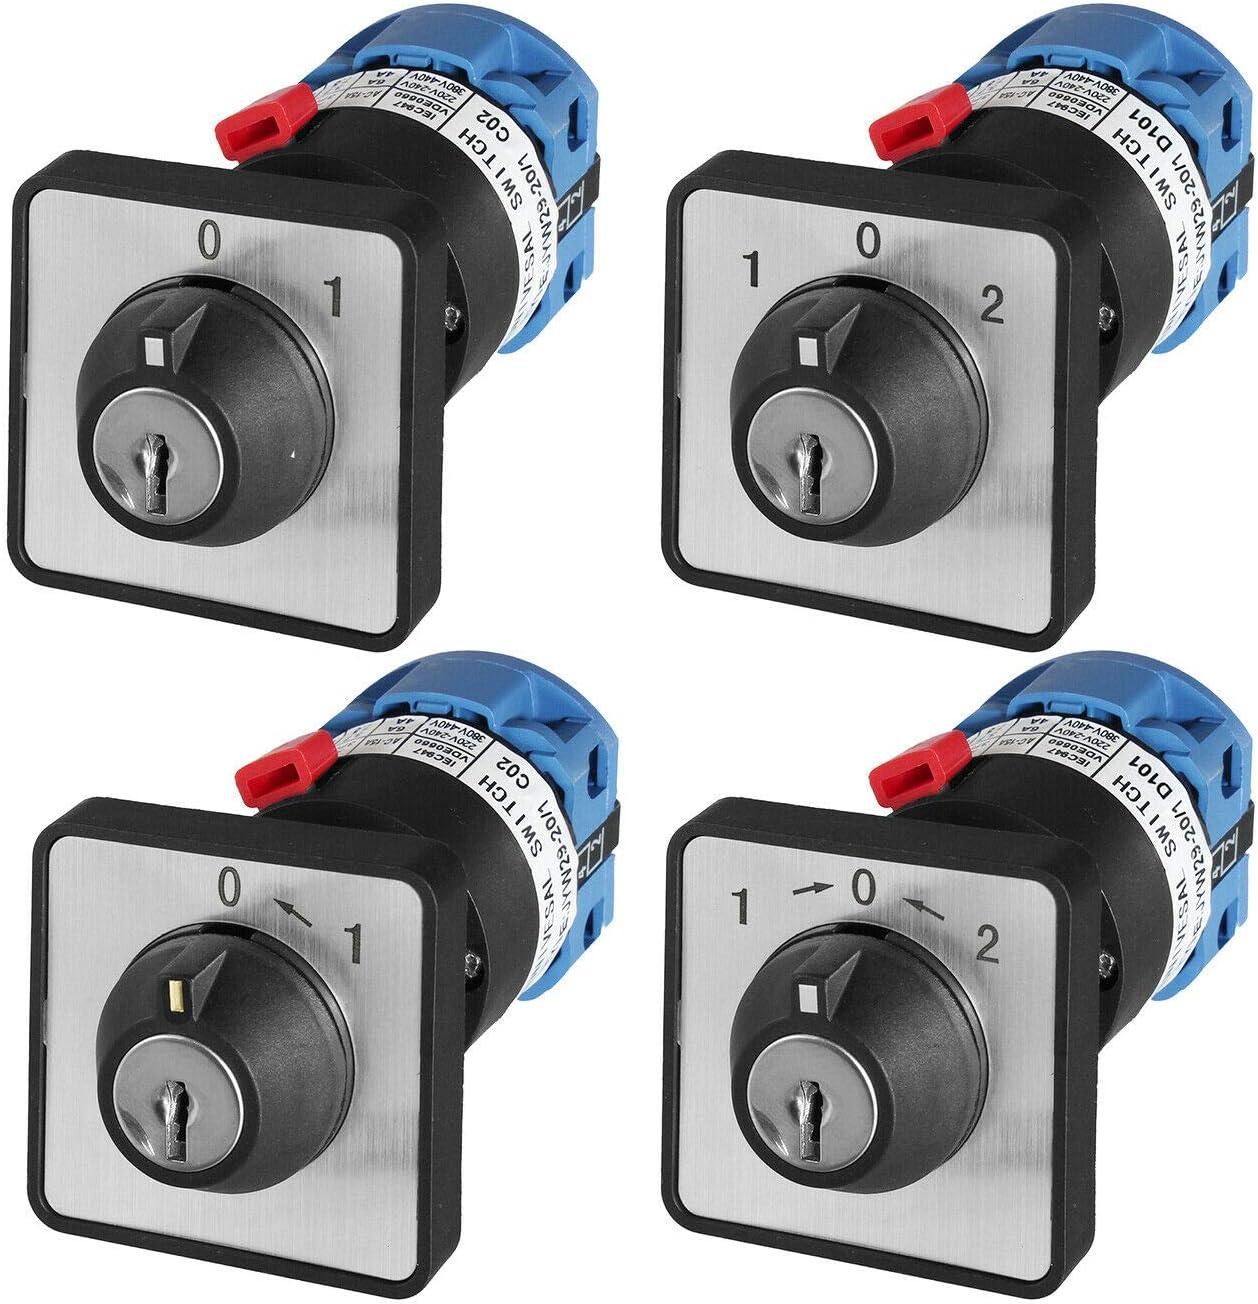 Generatorzubehr bertragungsschalter Samfoxy Schalter-Samfox ...